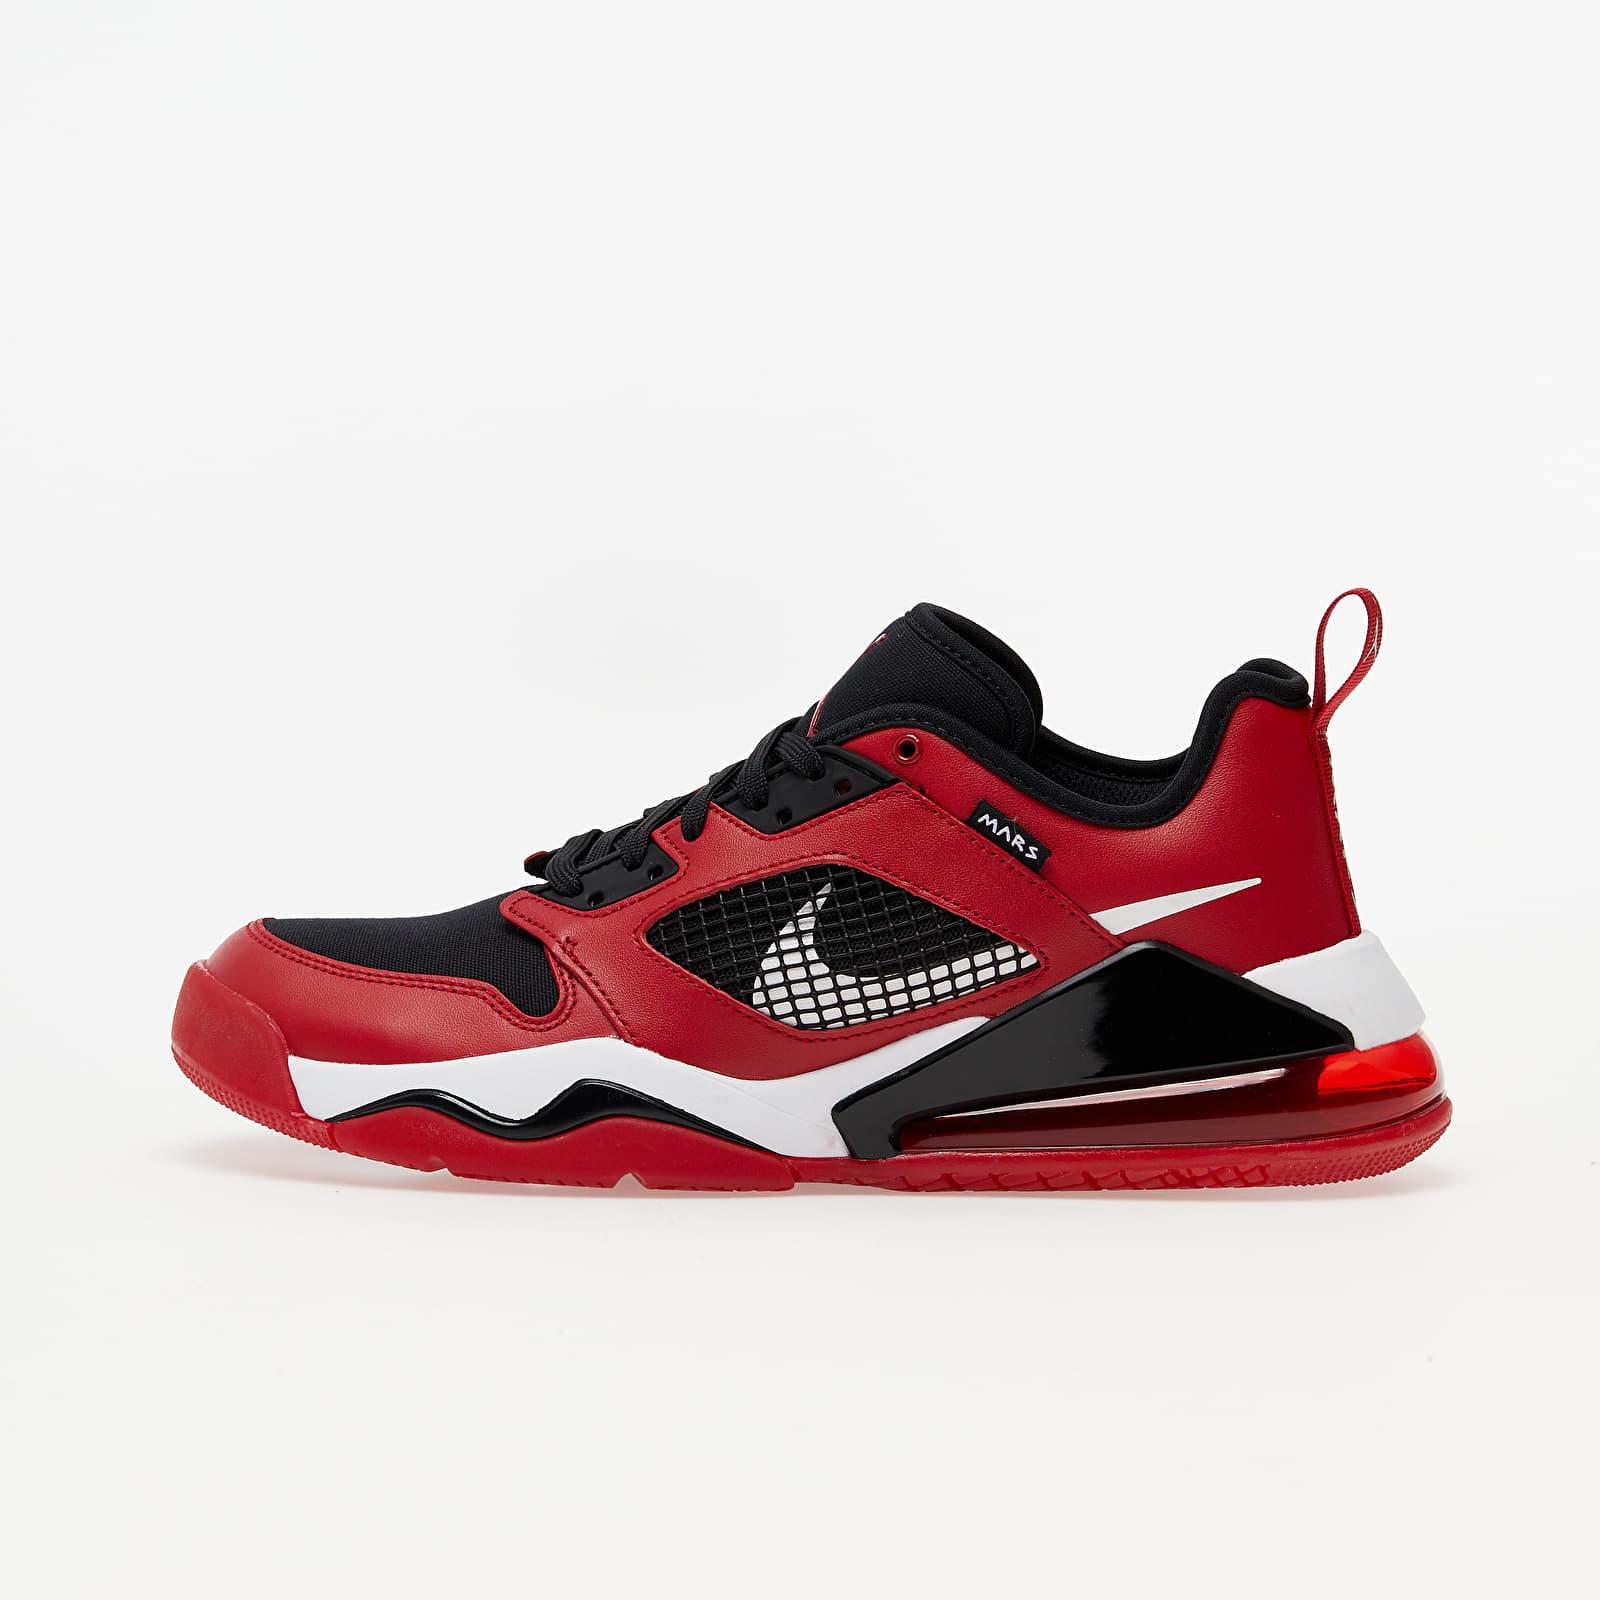 Jordan Mars 270 Low Gym Red/ White-Black CK1196-600